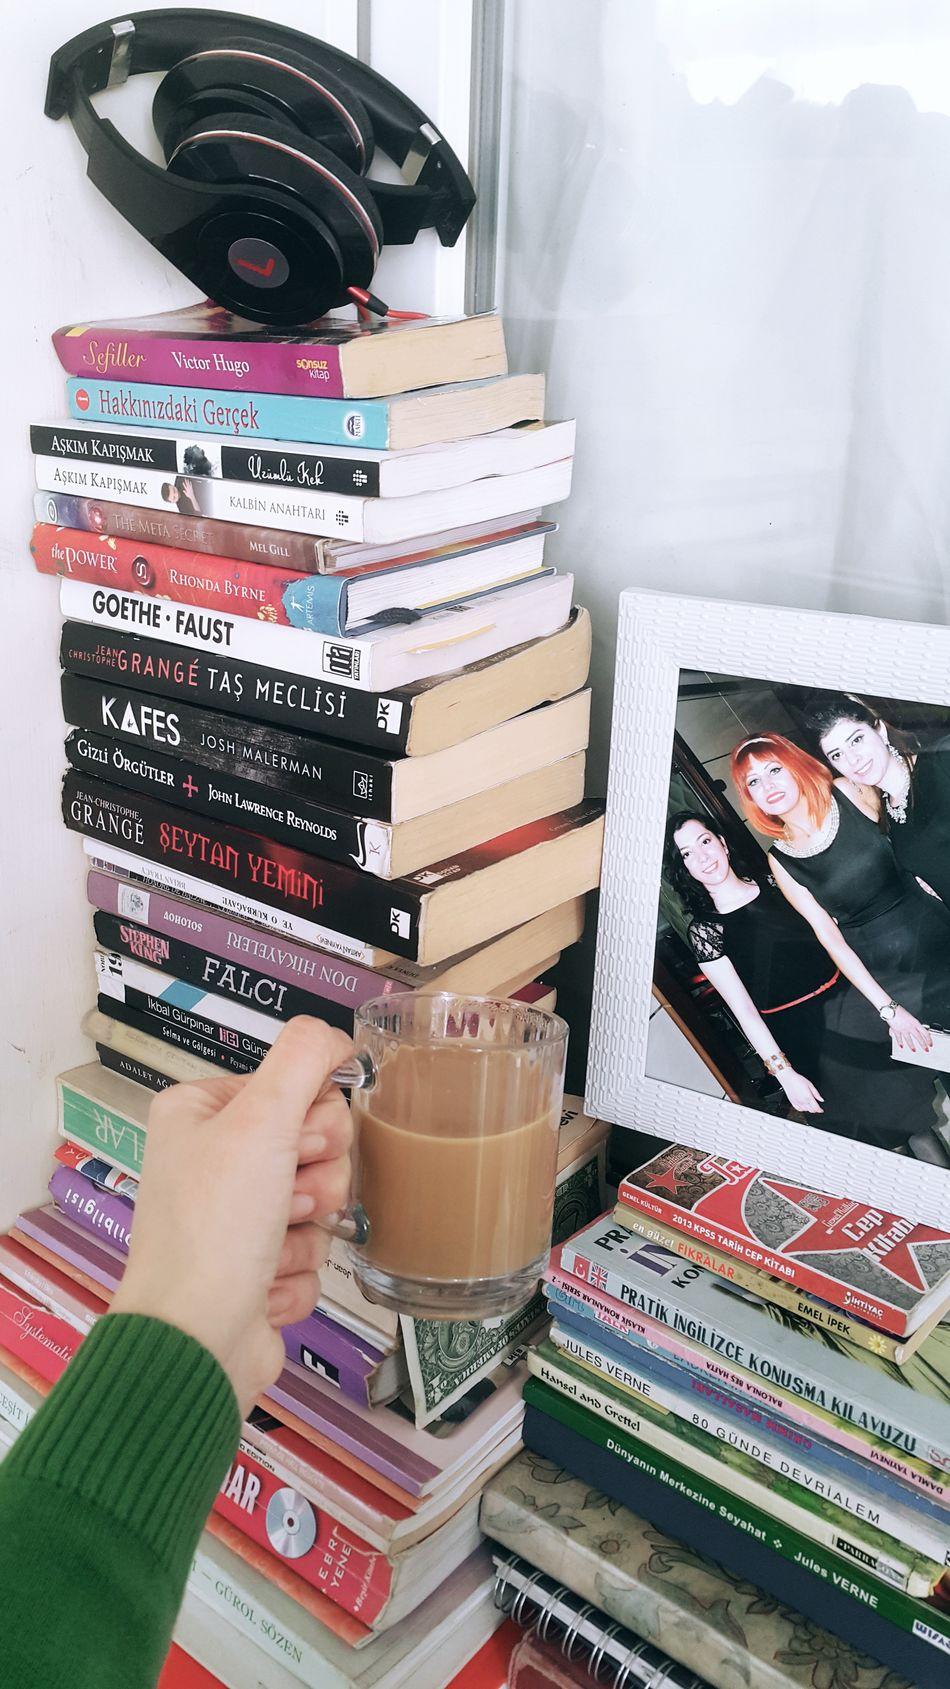 Her telden kitap var bende 😂😀 Book Kahve Kitapkokusu Kitaplariyikivar Huzur Kitap Kitaplar Kitapsever Kitapaşkı Coffee Kitapkurdu ızmir